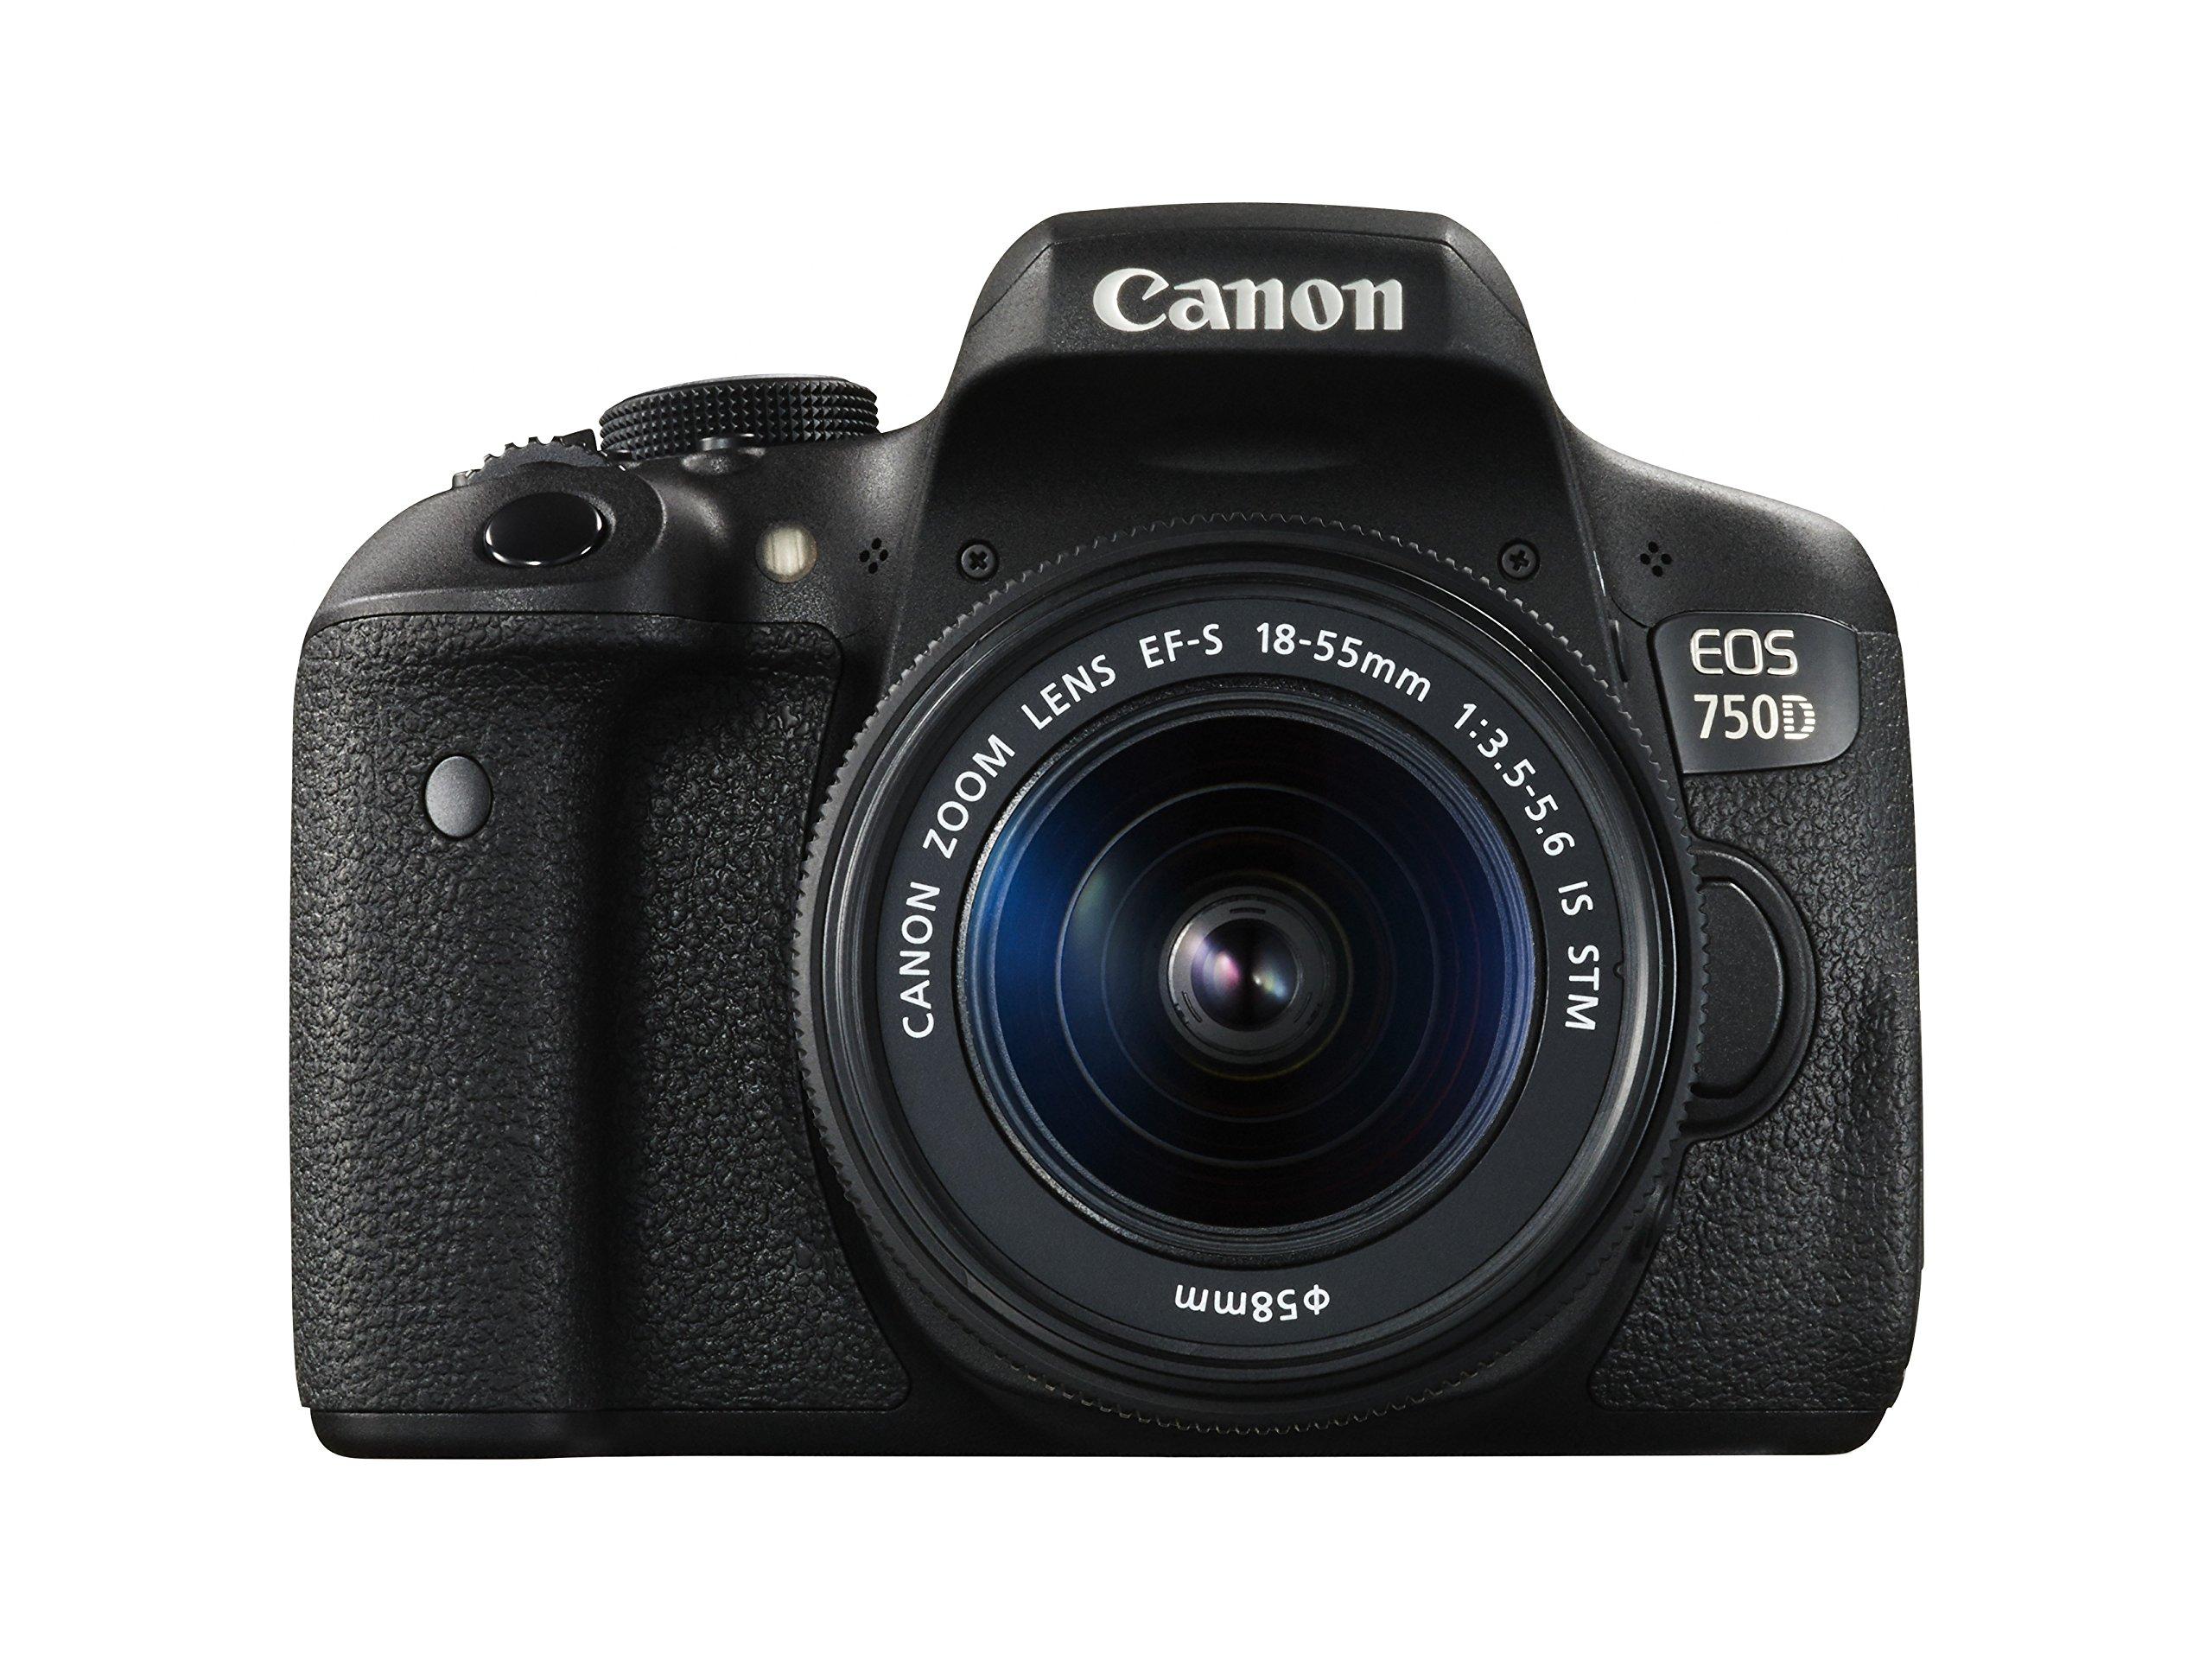 Canon EOS 750D Kit Fotocamera Reflex Digitale da 24 Megapixel con Obiettivo EF-S 18-55 mm IS STM, Nero/Antracite product image